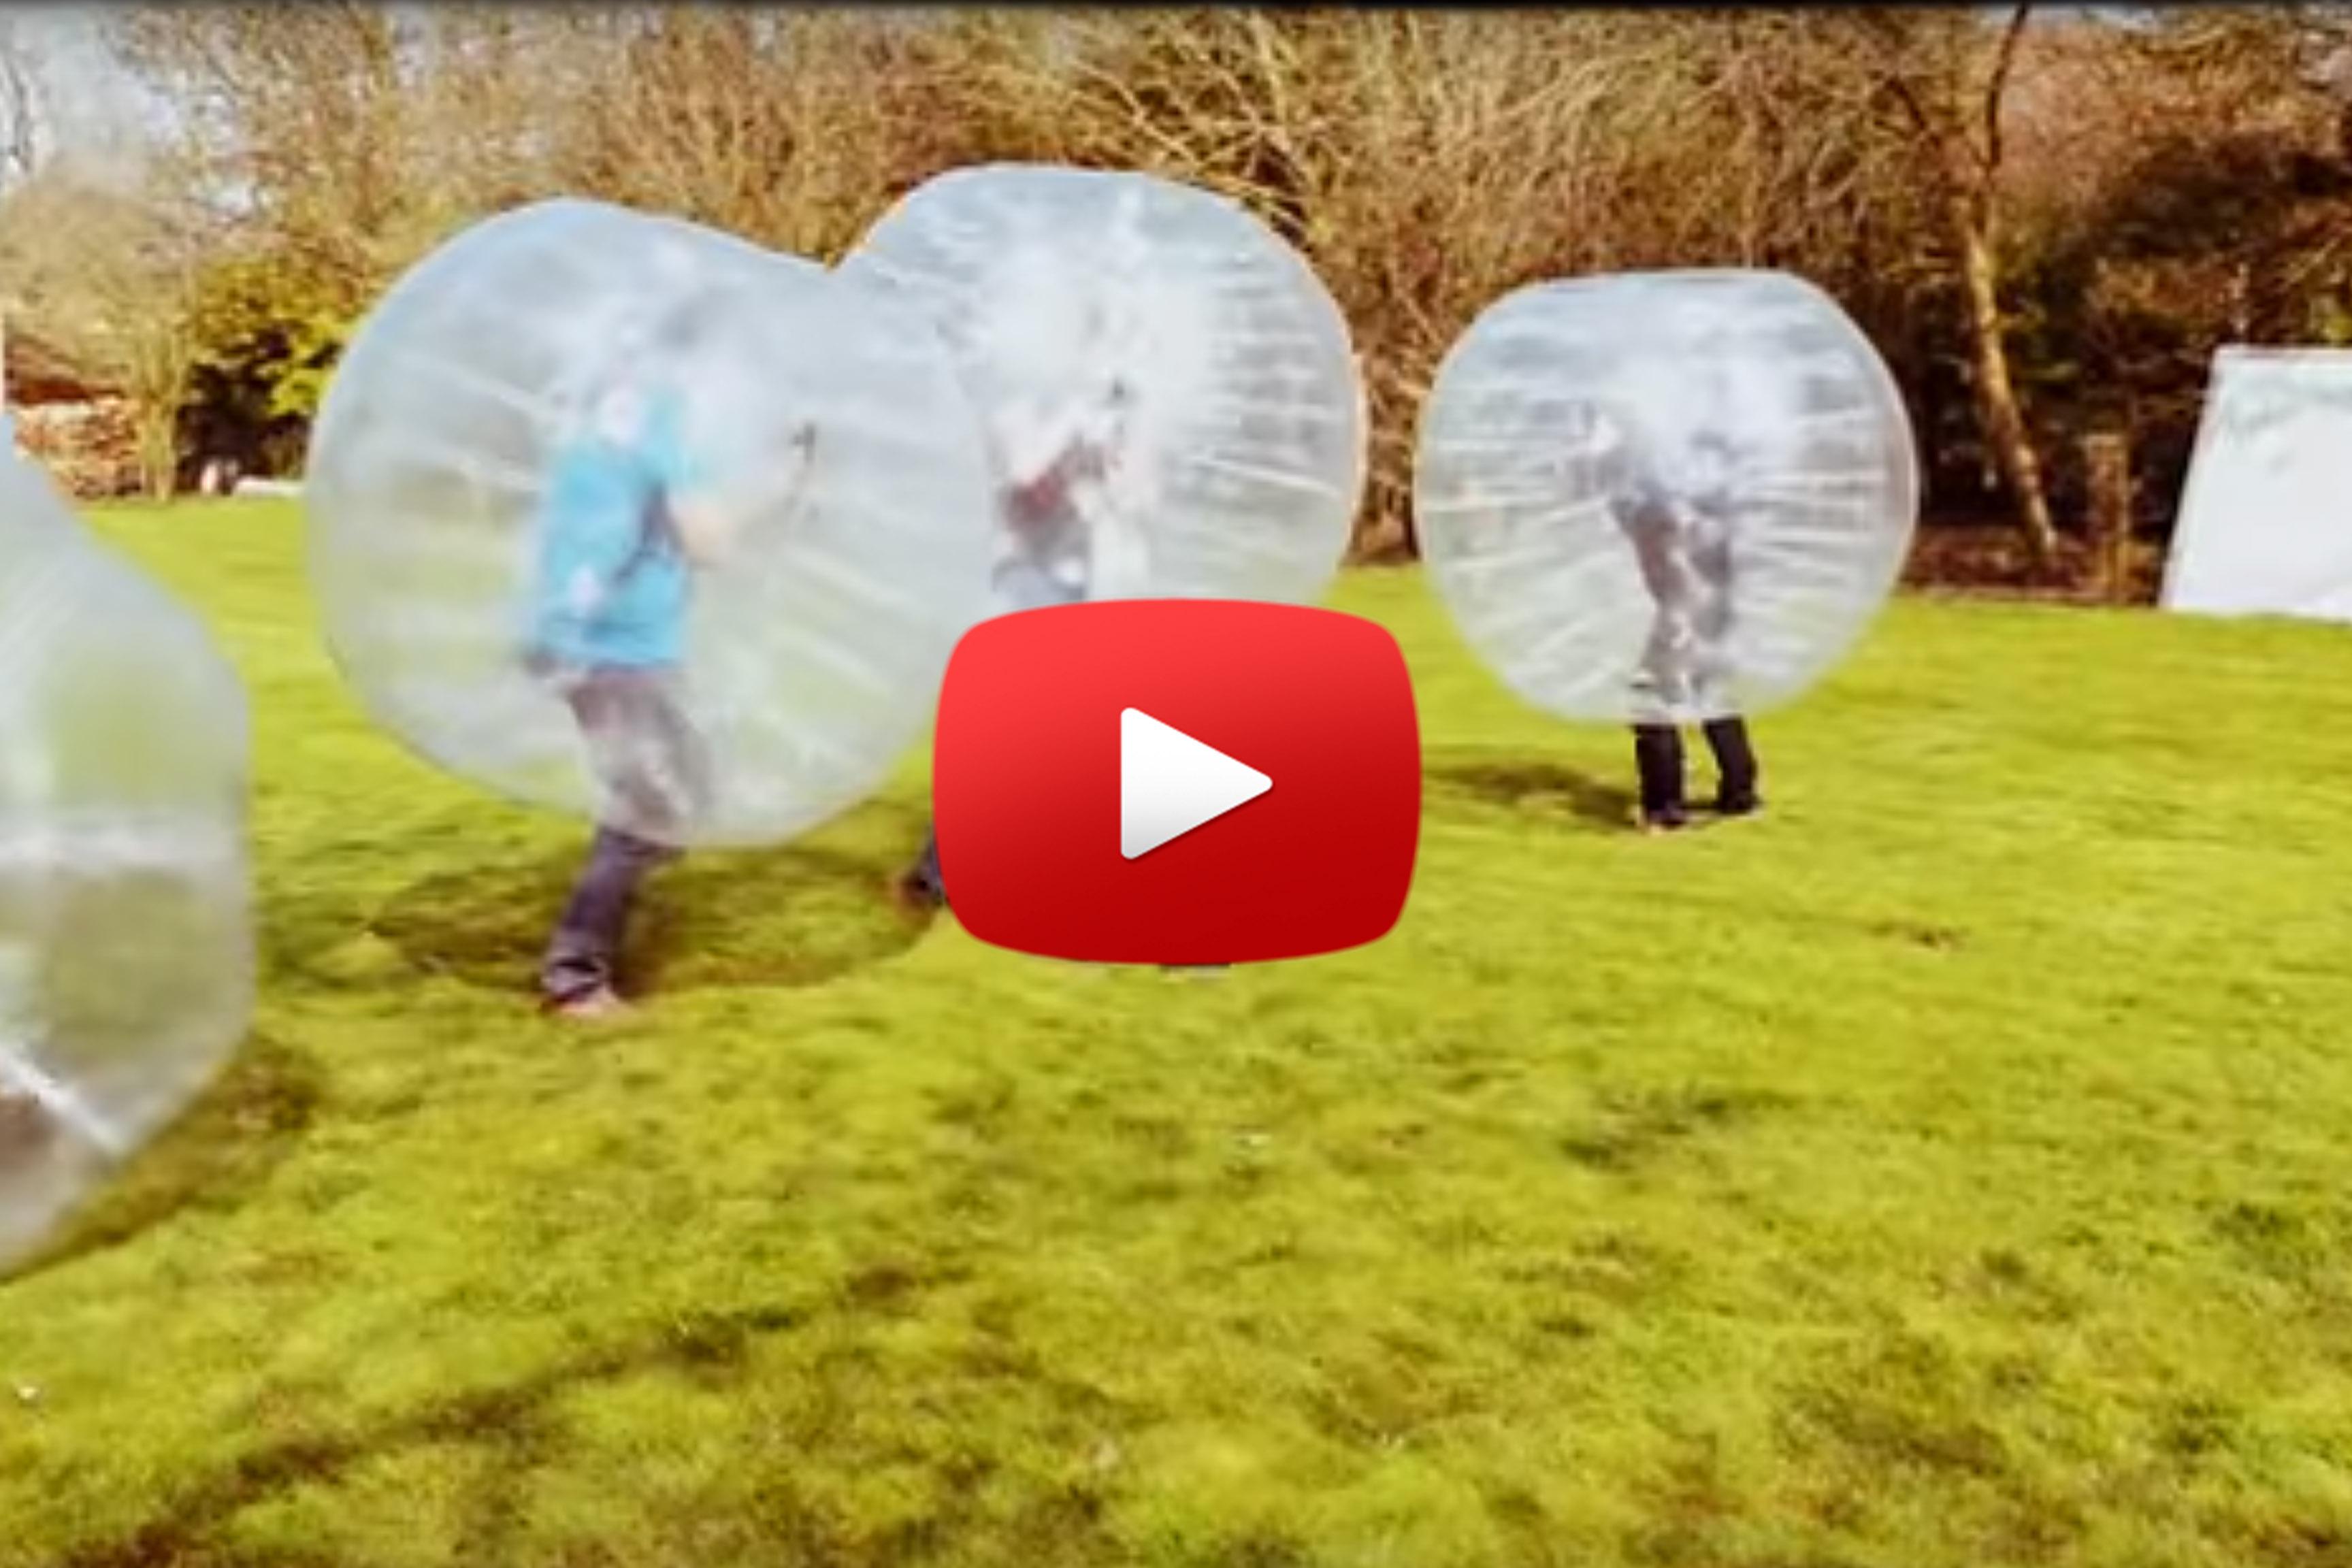 Bumper Balls video